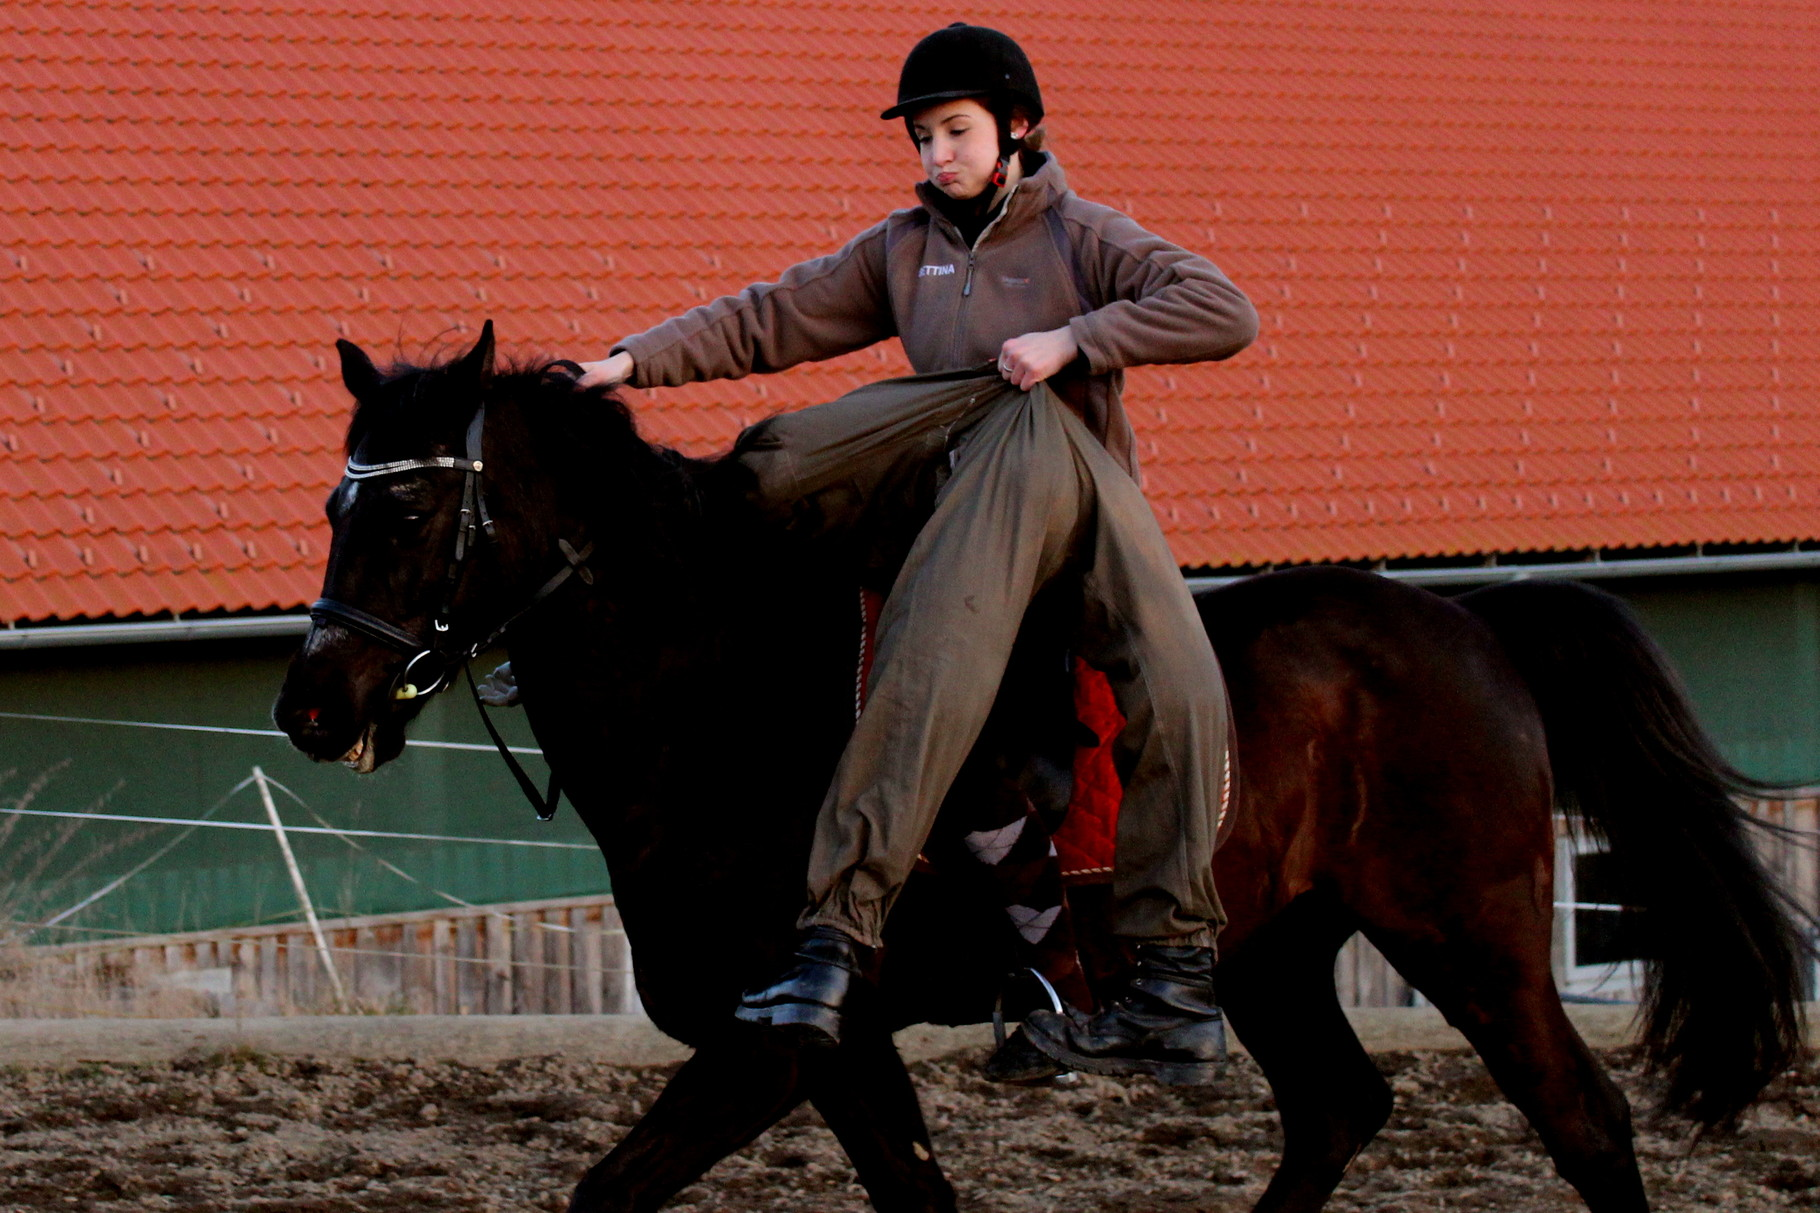 Rici wirft die lebensgroße Puppe vom Pferd